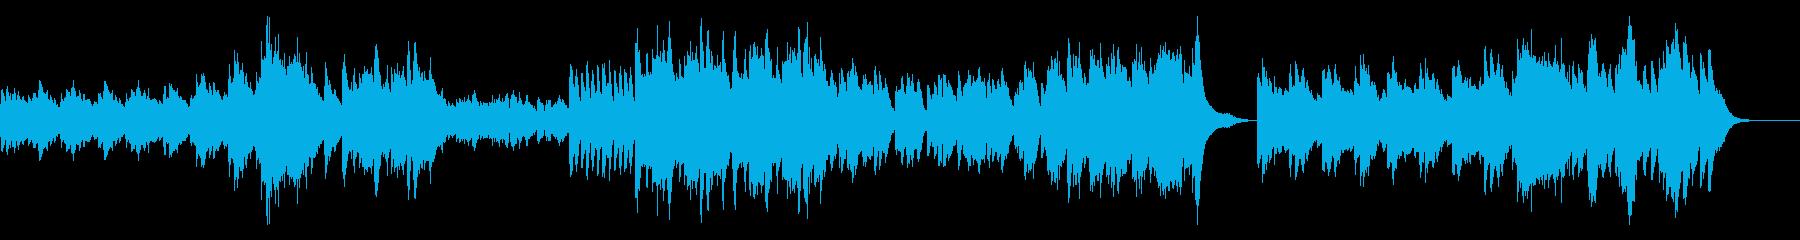 クラシカルで不気味なホラー/ピアノソロの再生済みの波形